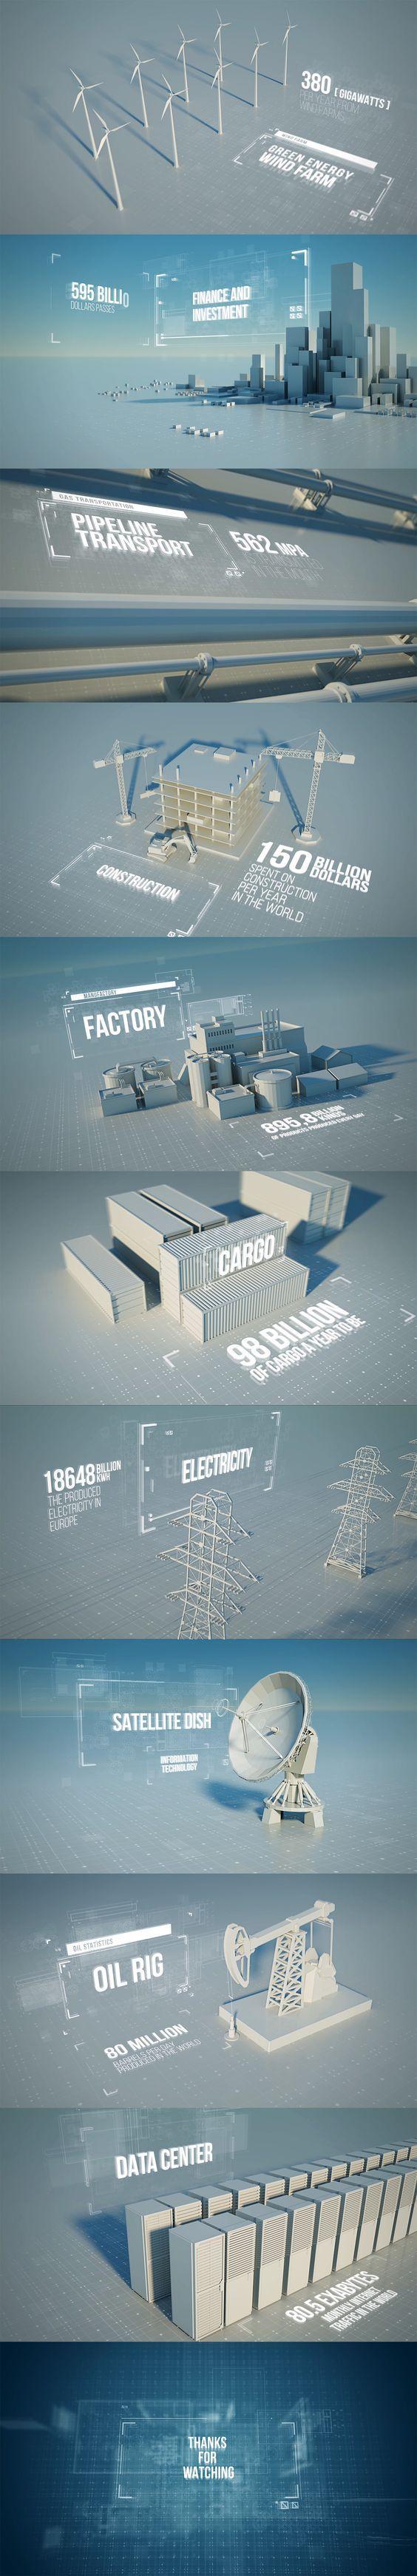 Coole Optik um wahrscheinlich langweilige Zahlen zu präsentieren. ^^ → Mehr #Design #Grafikdesign #Infografik #Rendering #Ideen & #Inspiration auf pins.dermichael.net ▶▶: